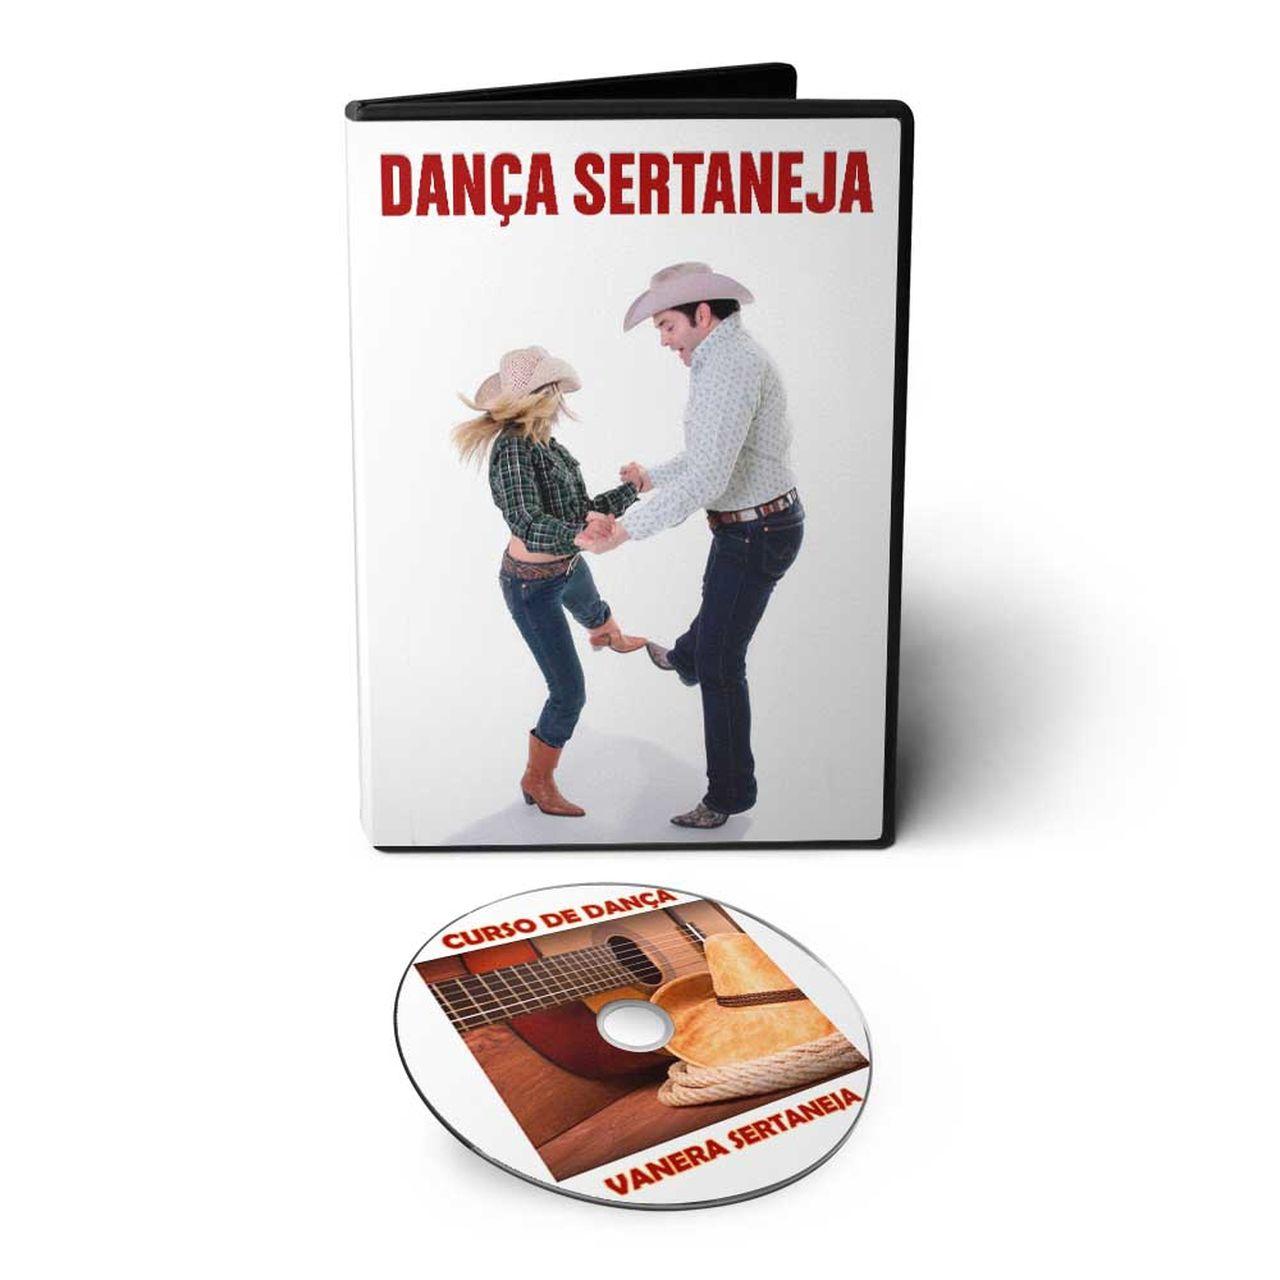 Curso de Dança Vanera Sertaneja em DVD Videoaula